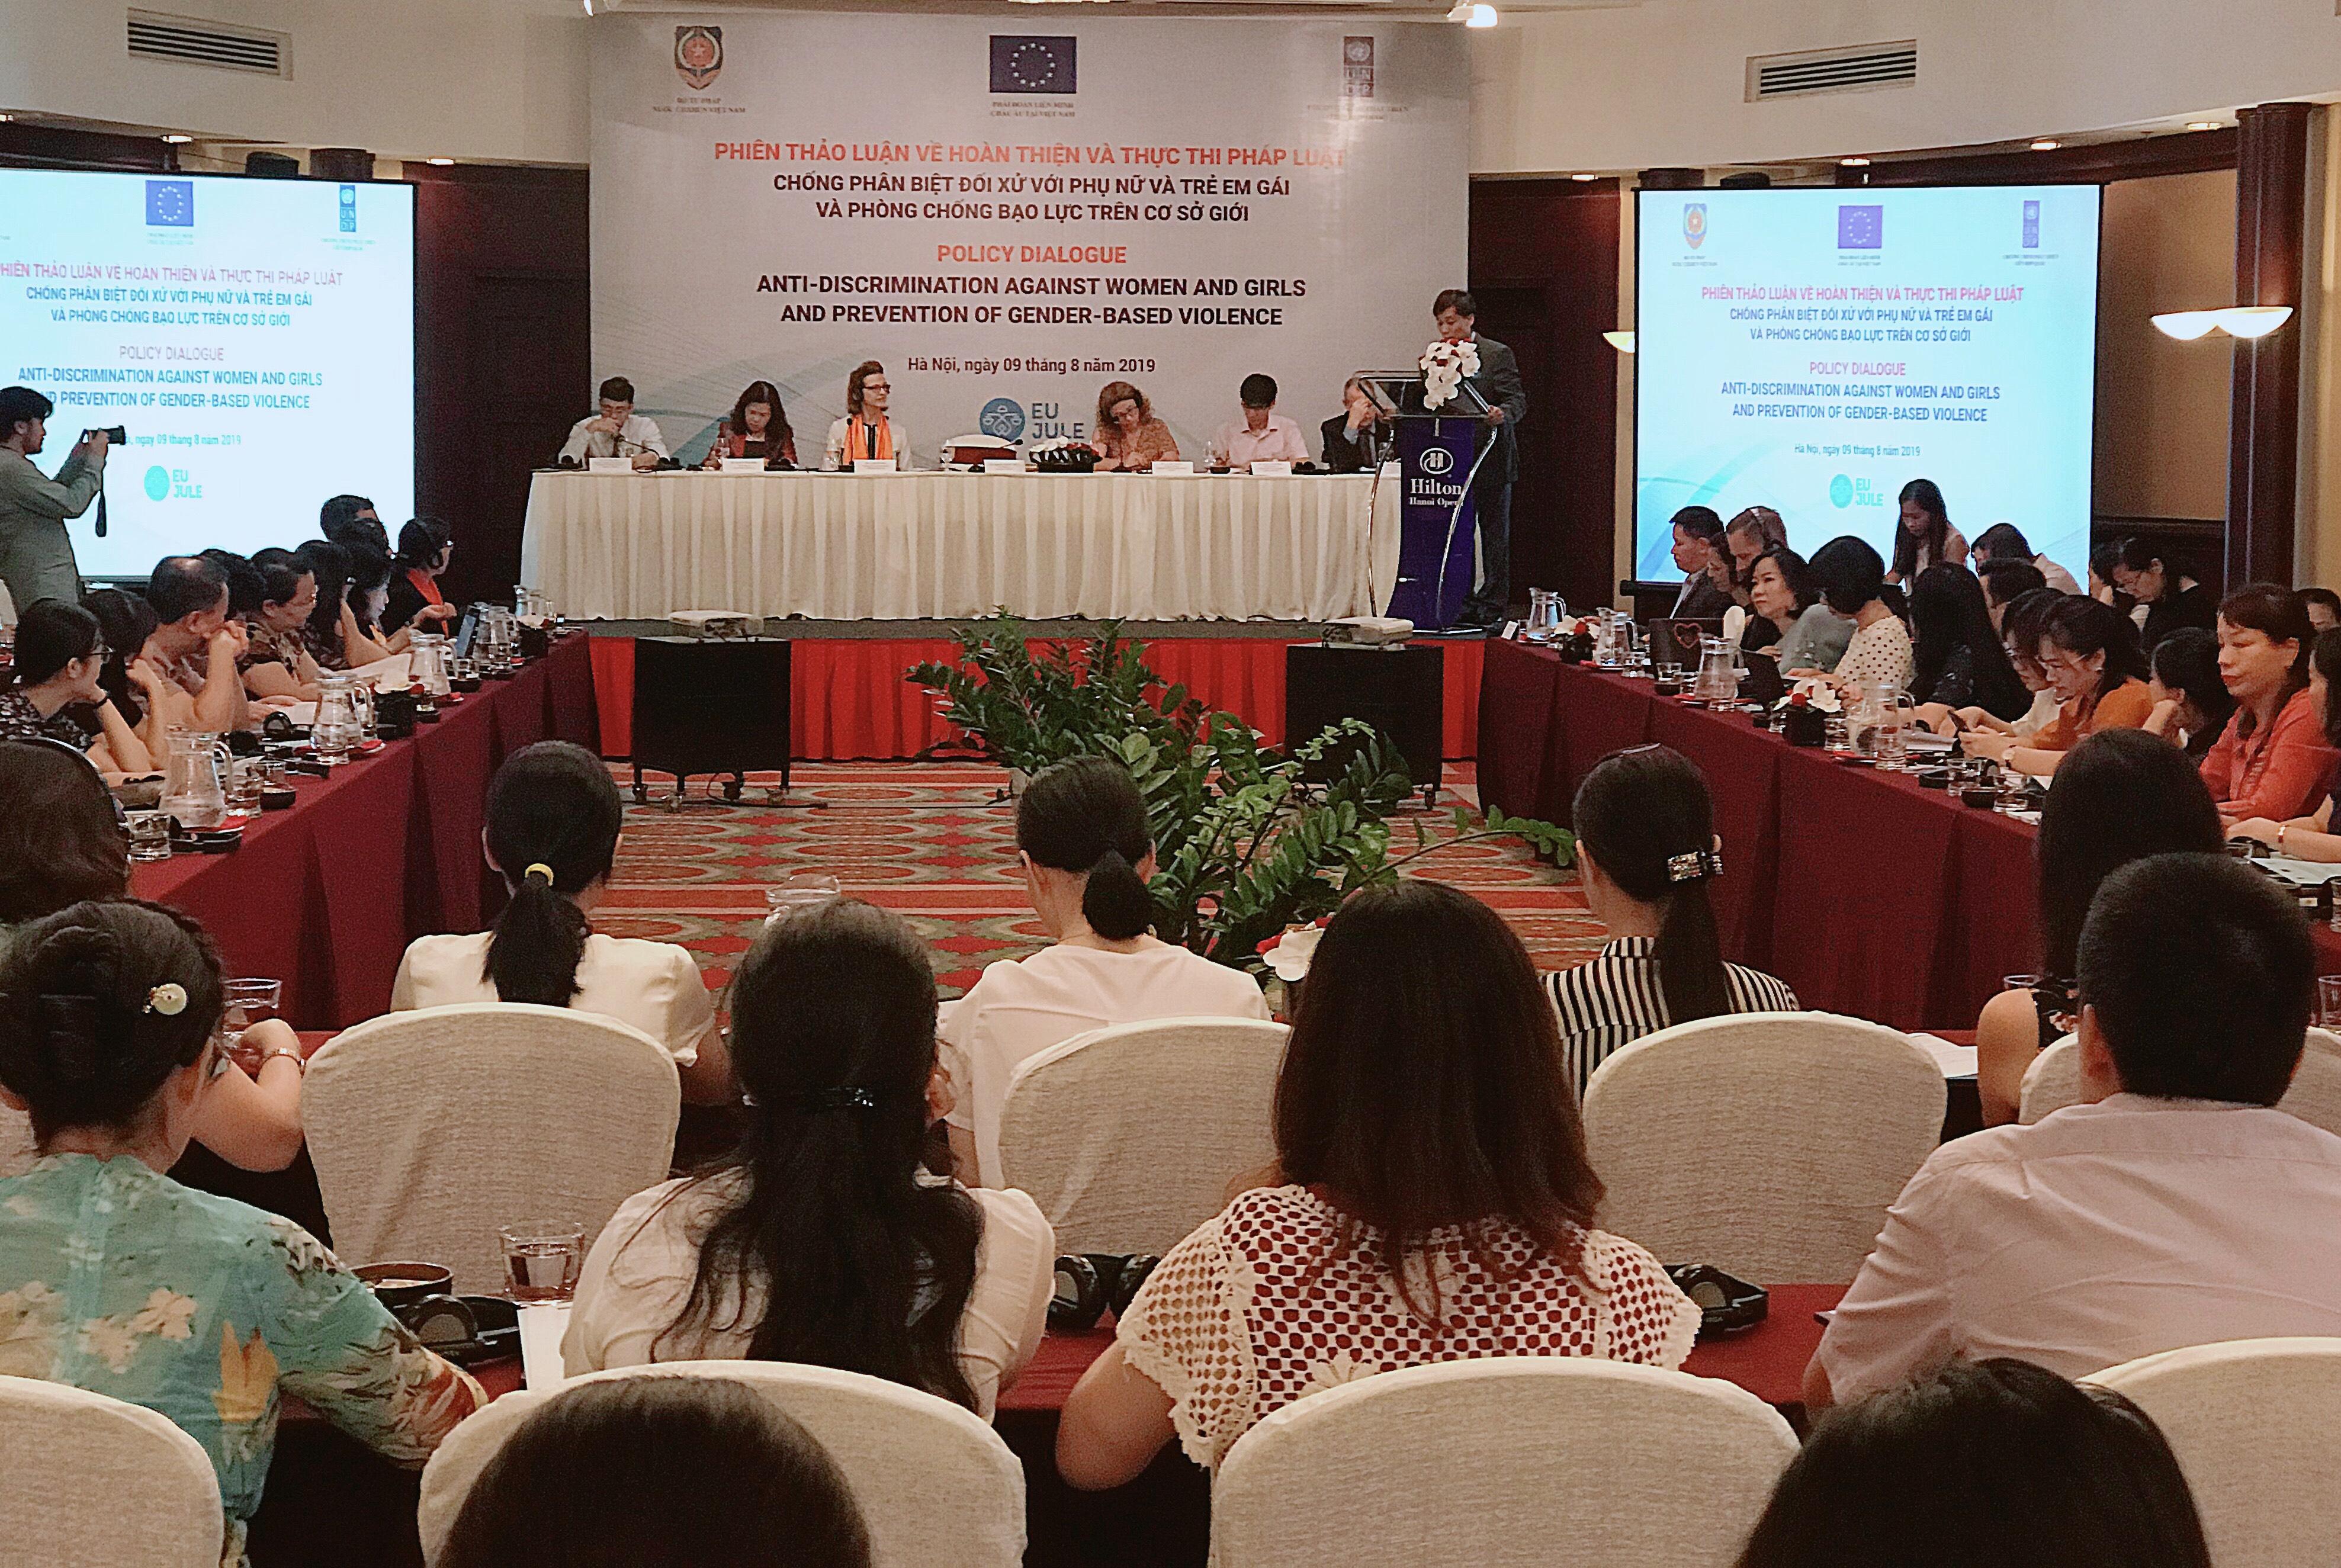 Chống phân biệt đối xử với phụ nữ và trẻ em gái và phòng chống bạo lực trên cơ sở giới